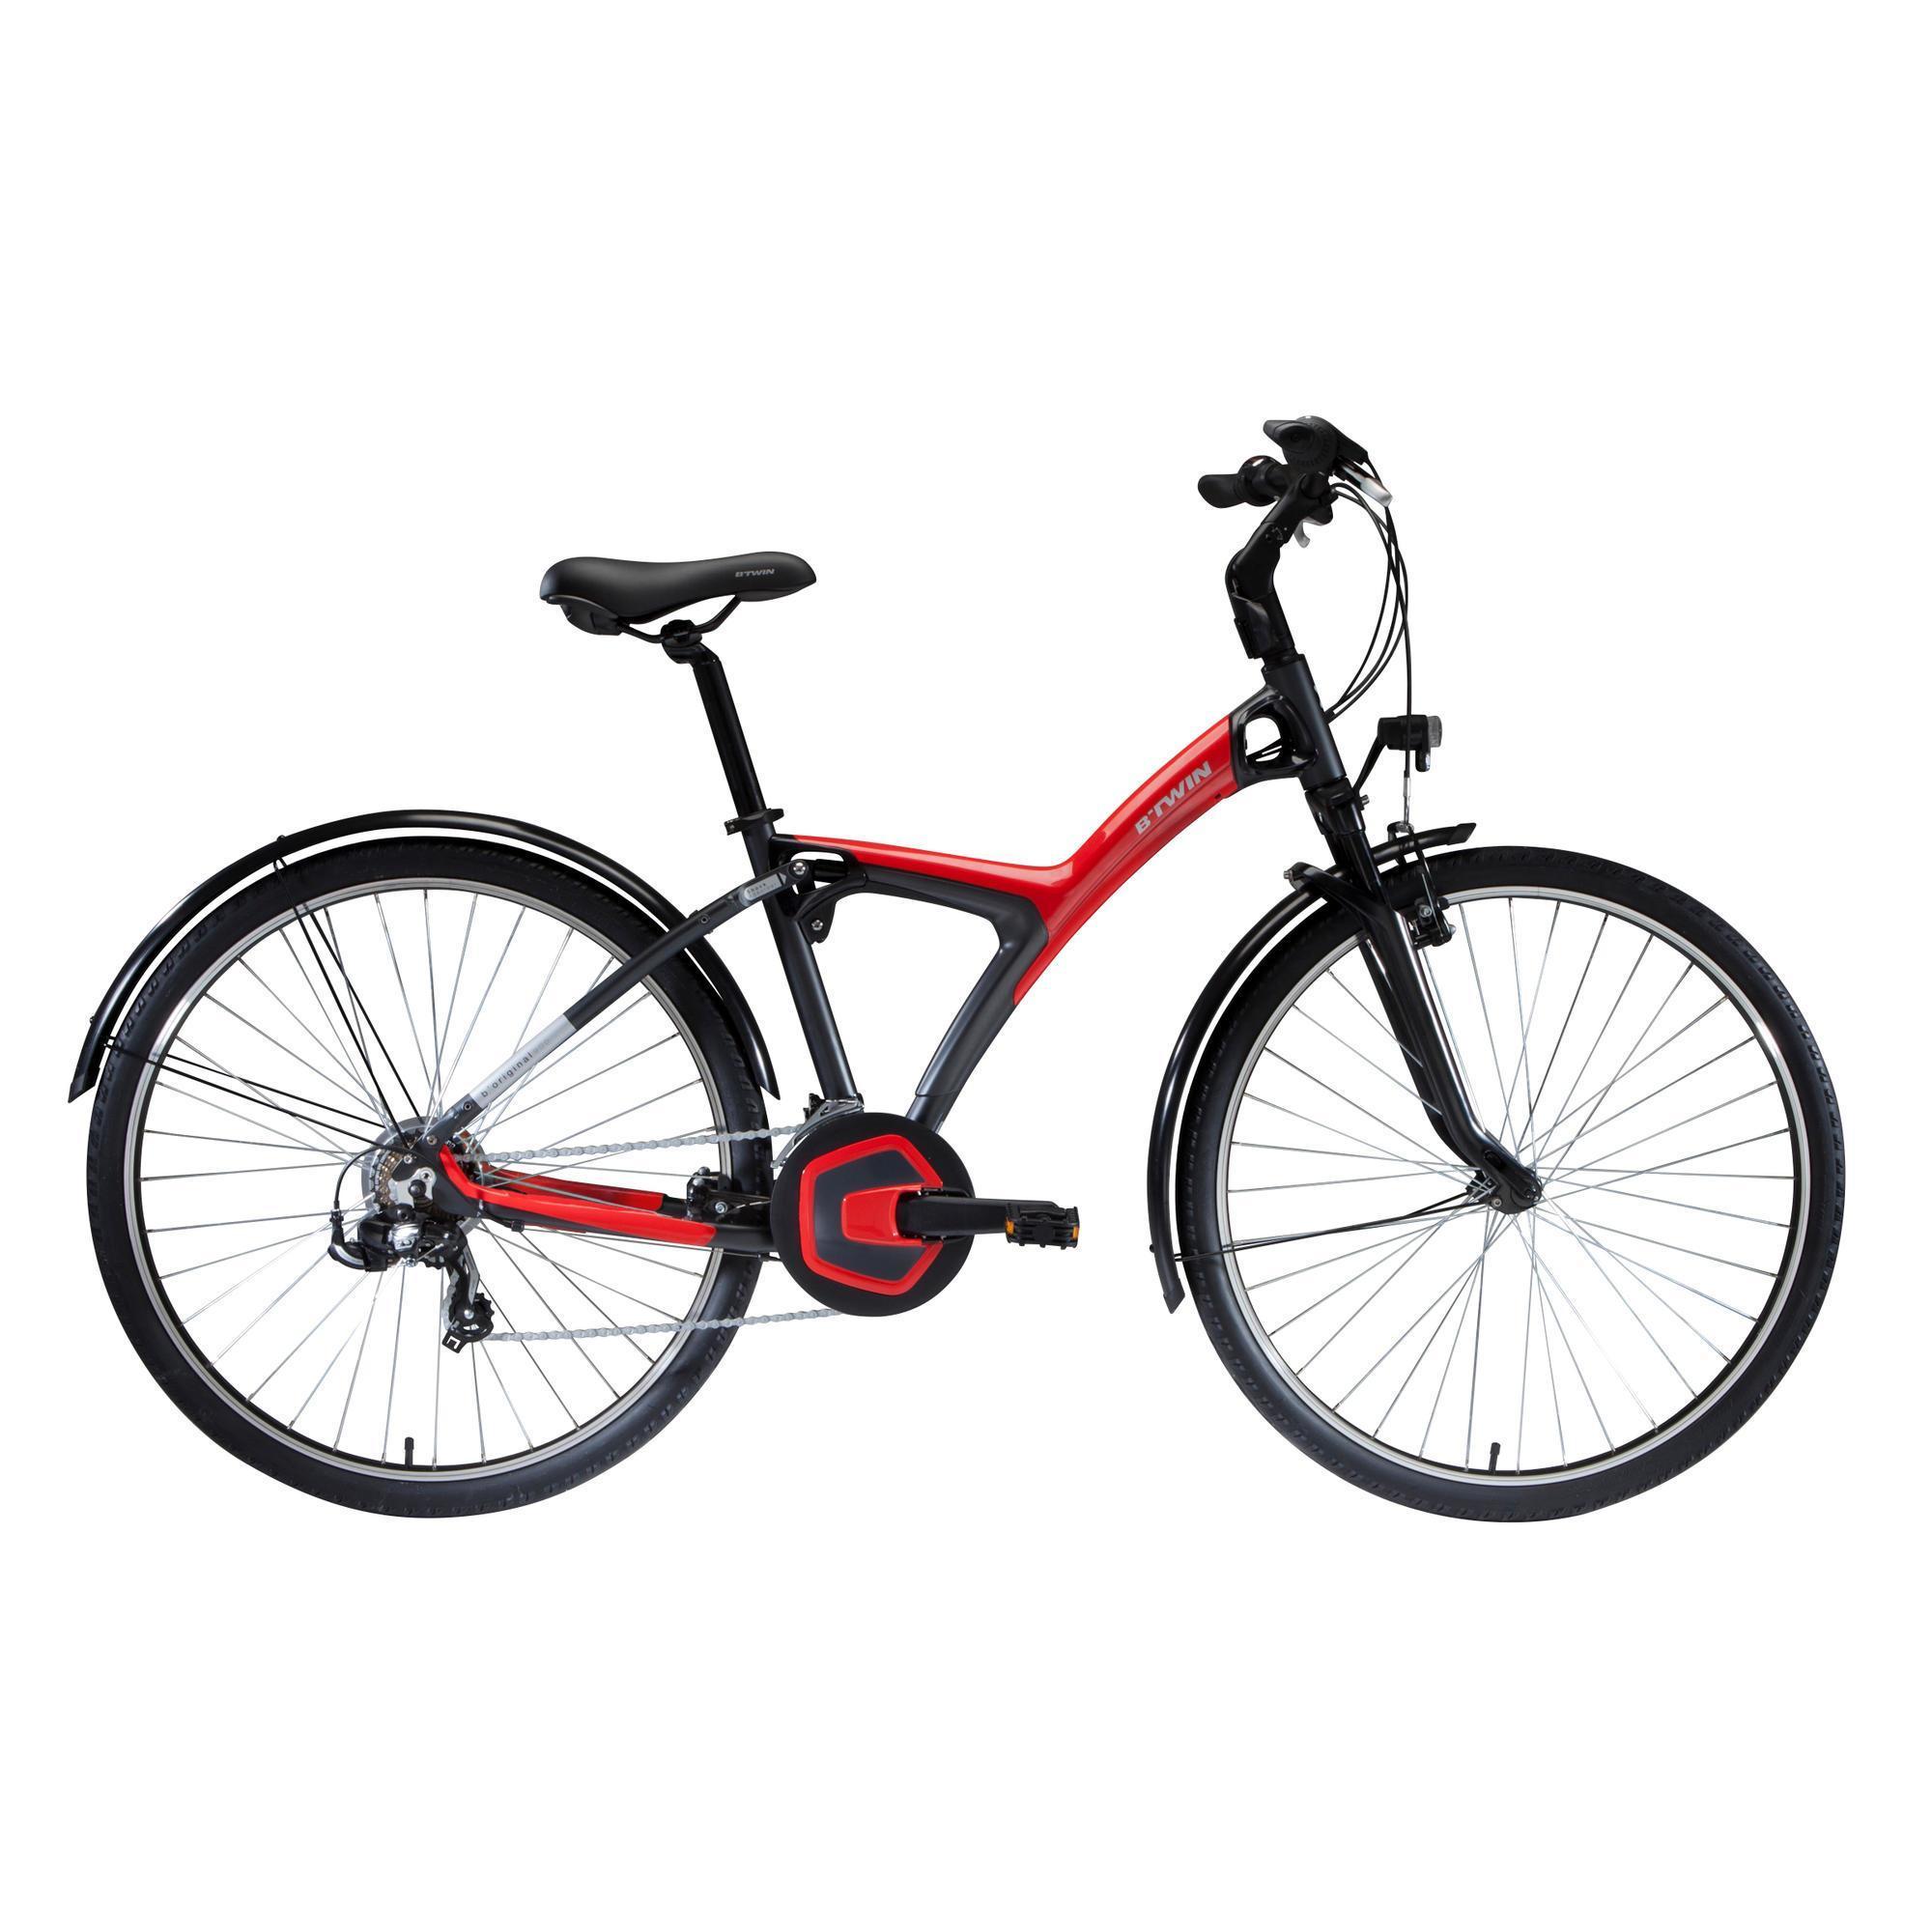 Trekkingrad B Original 500 21 Gang Fahrrad @ Decathlon Sale